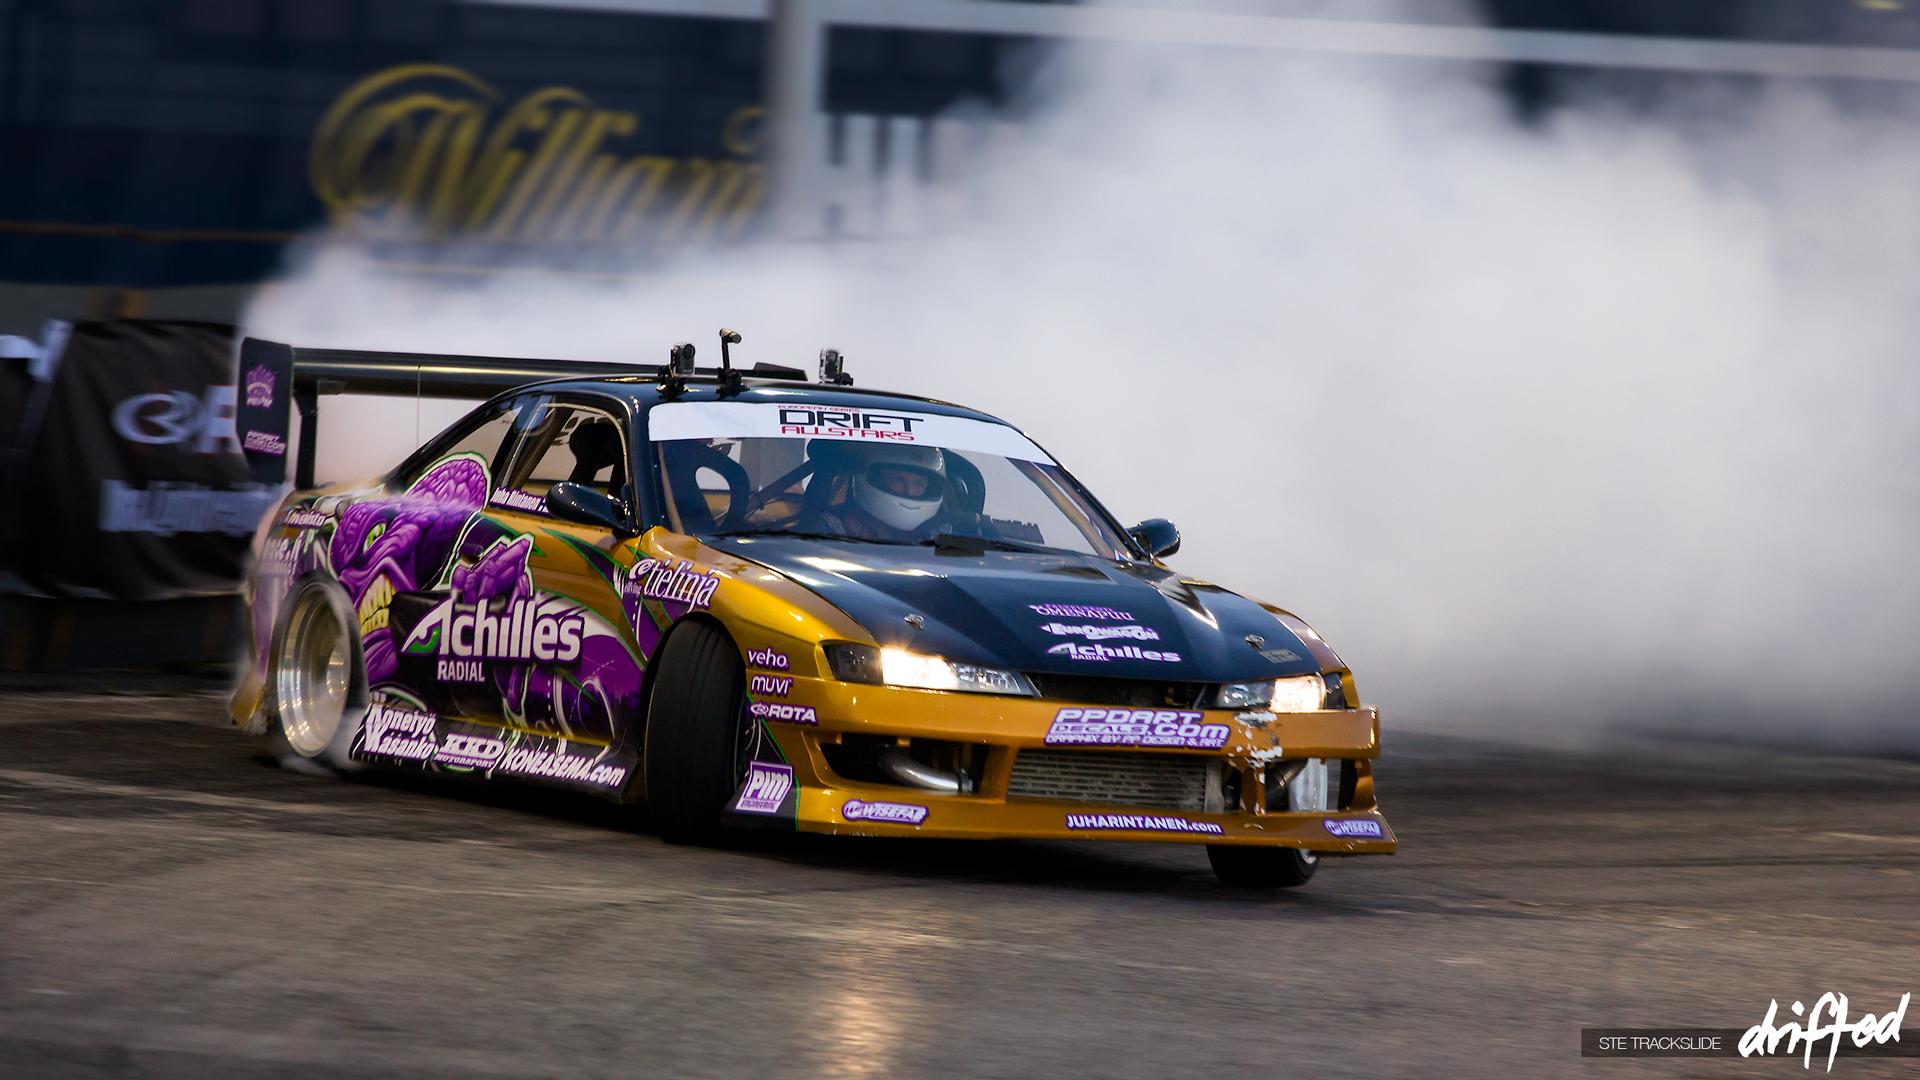 Best Car Drifting Wallpapers Desktop Juha Rintanen S Kouki S14 Drifted Com